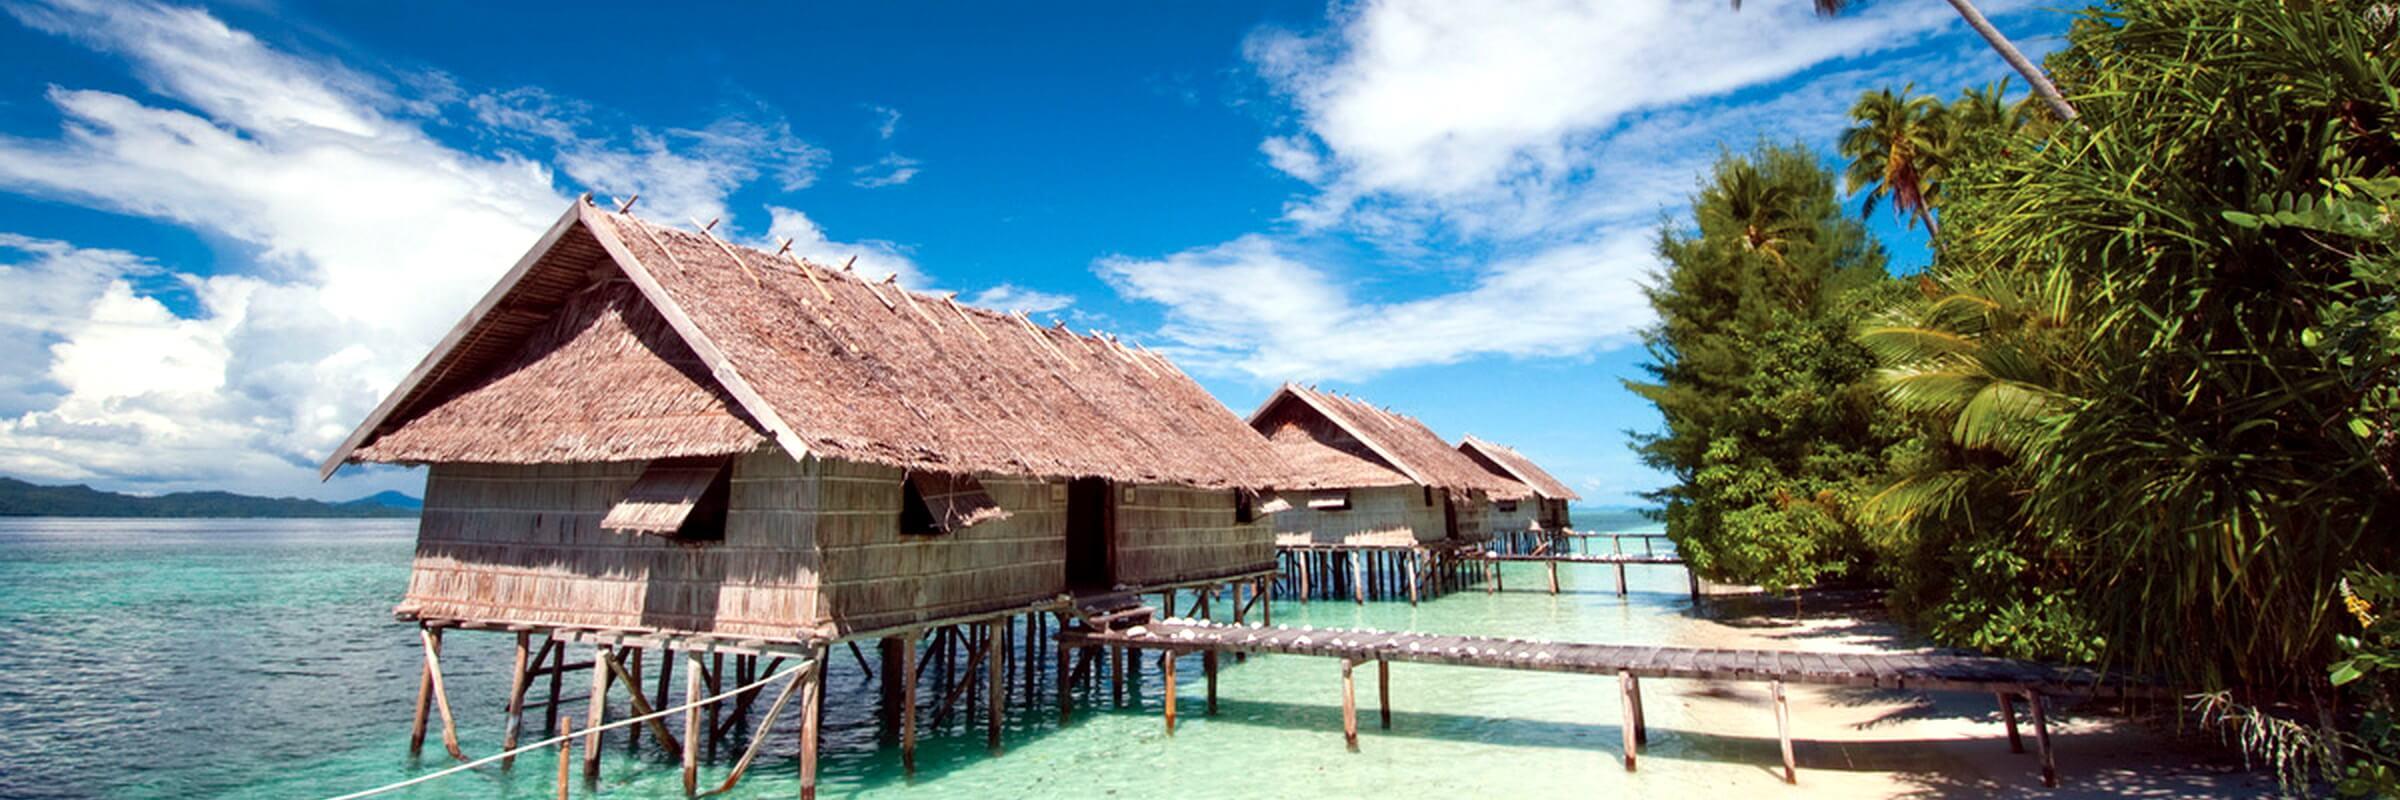 Aussenansicht des traumhaften Kri Eco Resort